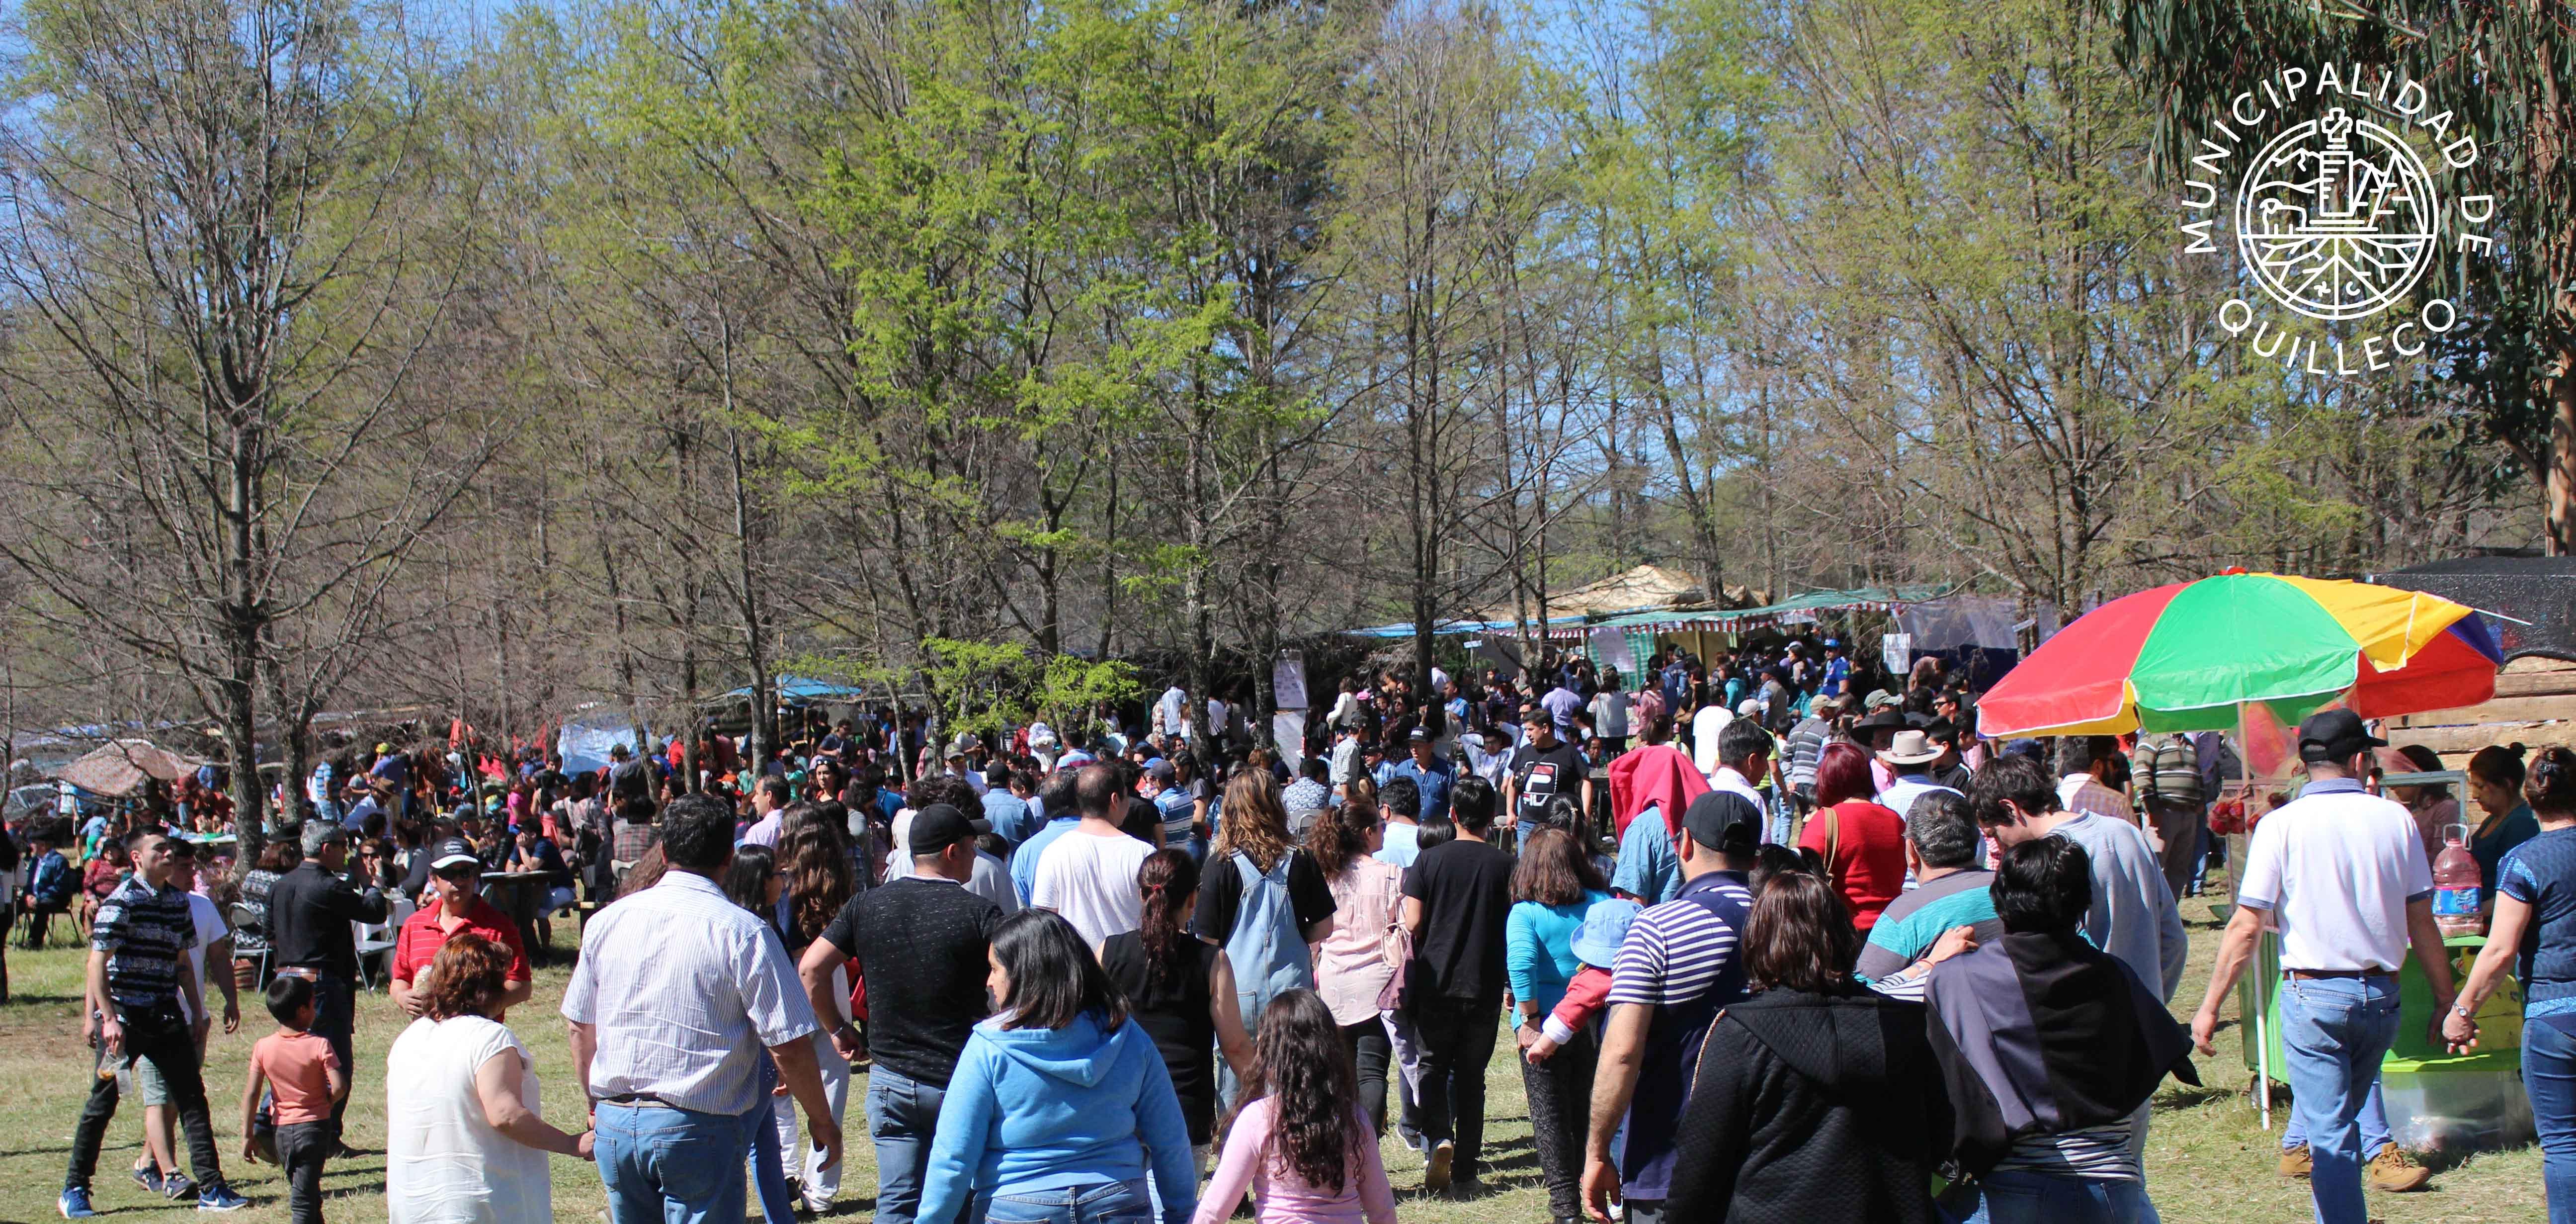 Con un lleno total se llevó a cabo la 5ta versión de la Fiesta del Digüeñe en Peralillo